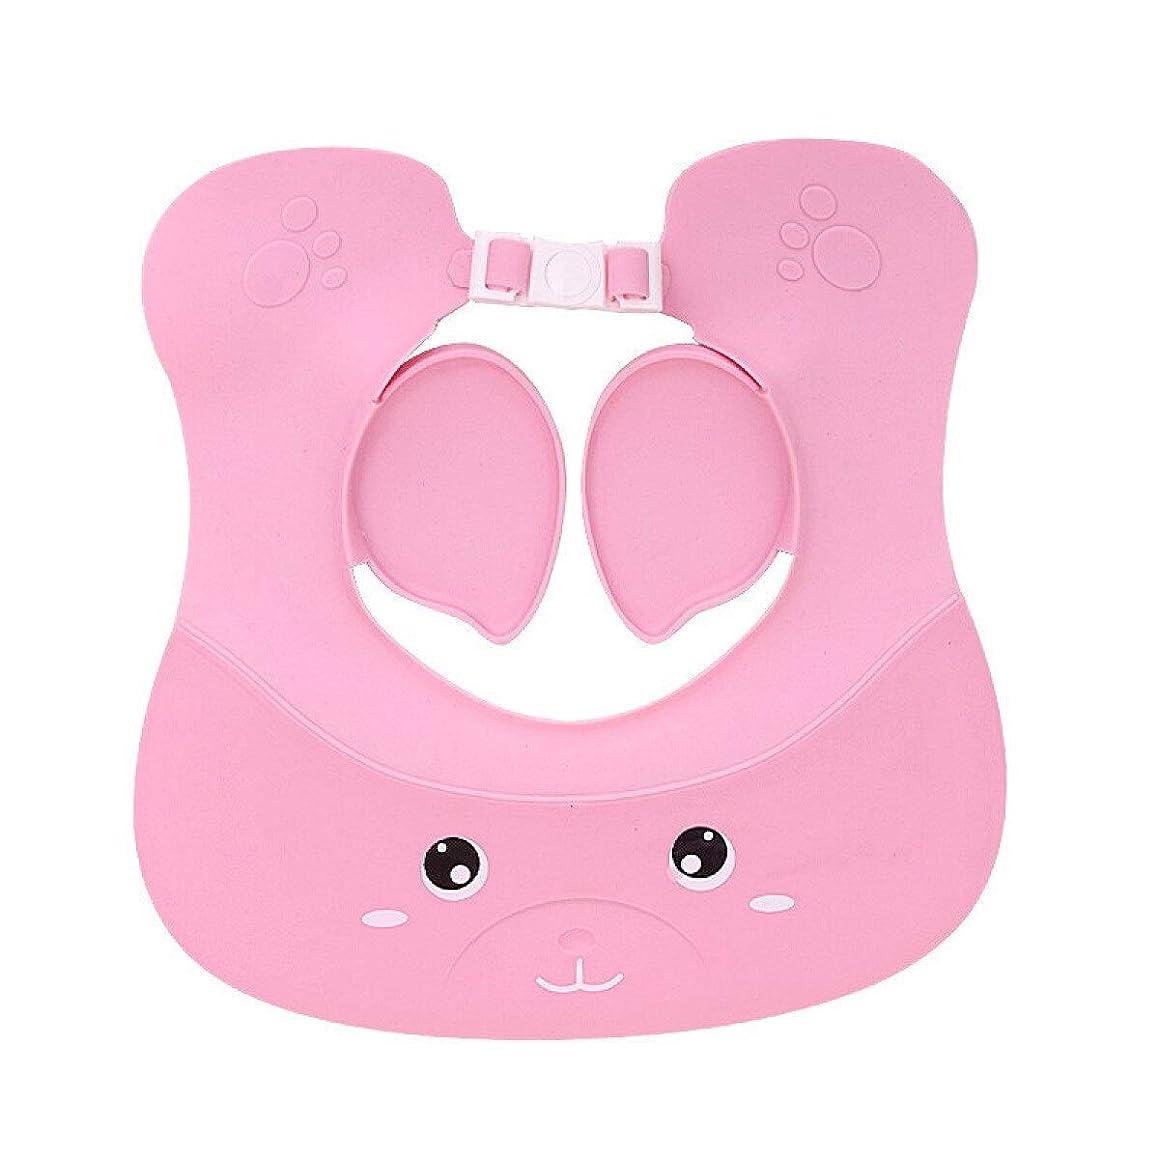 目指すタクシー流暢RONGJINGZHU シャンプーキャップ子供のお風呂キャップぬくもり調整イヤーマフシャンプーキャップシャワーキャップを厚く (Color : Pink)